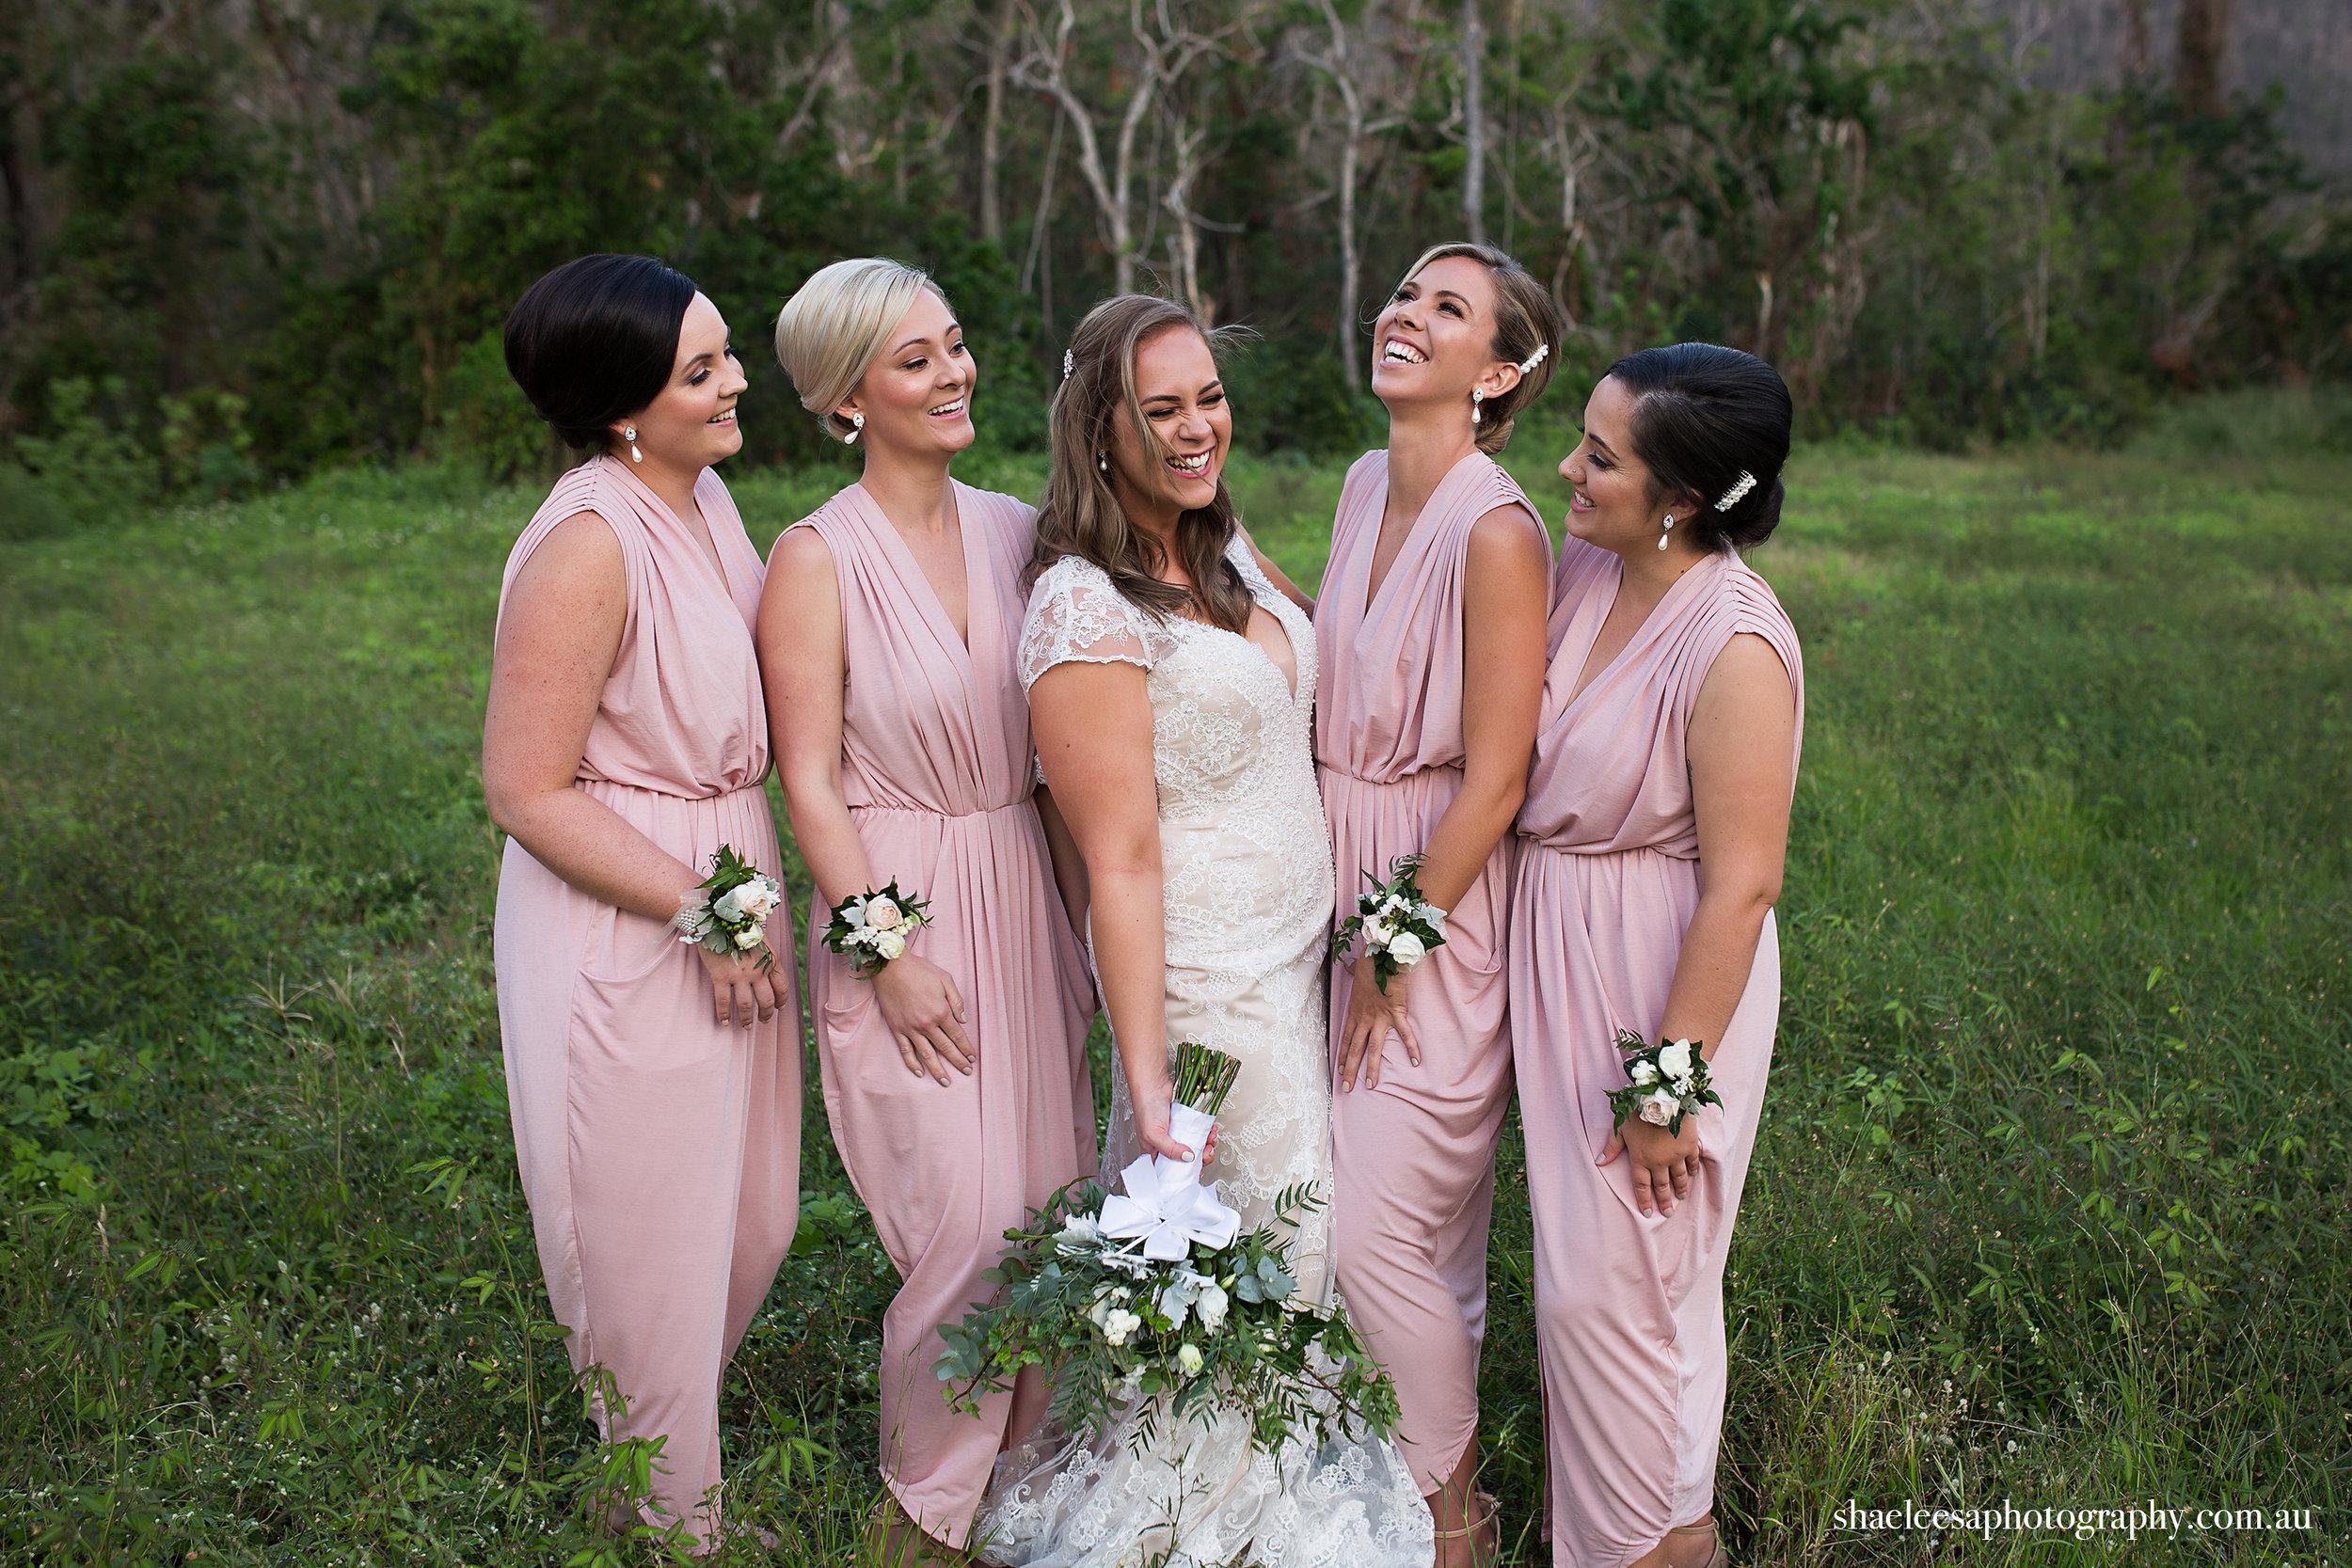 WeddingsByShae_174_McDermid2017.jpg